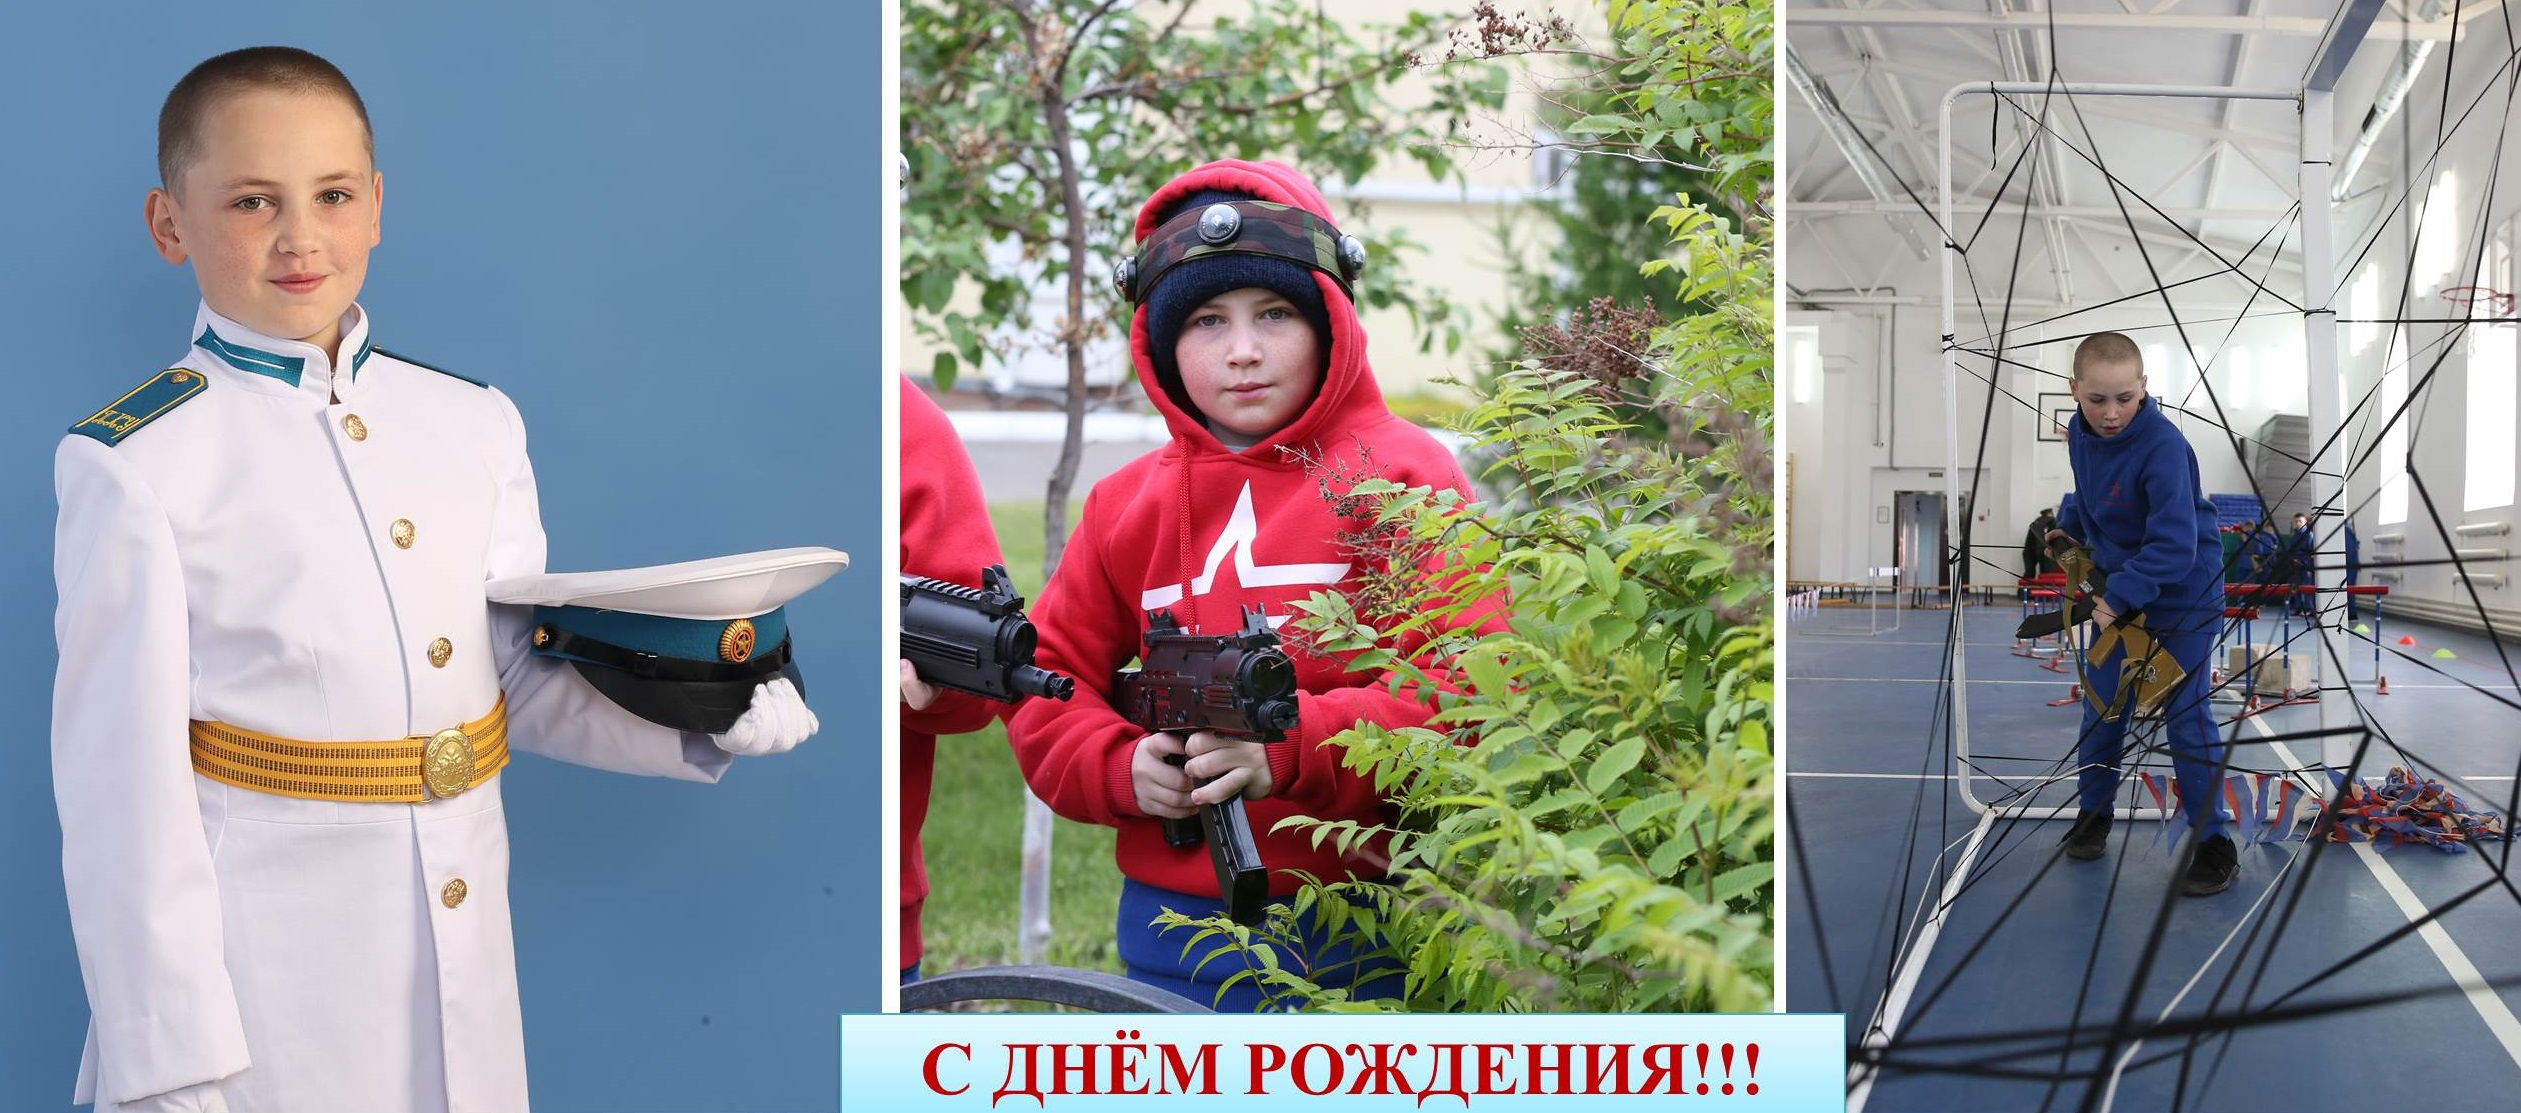 Тавакалов